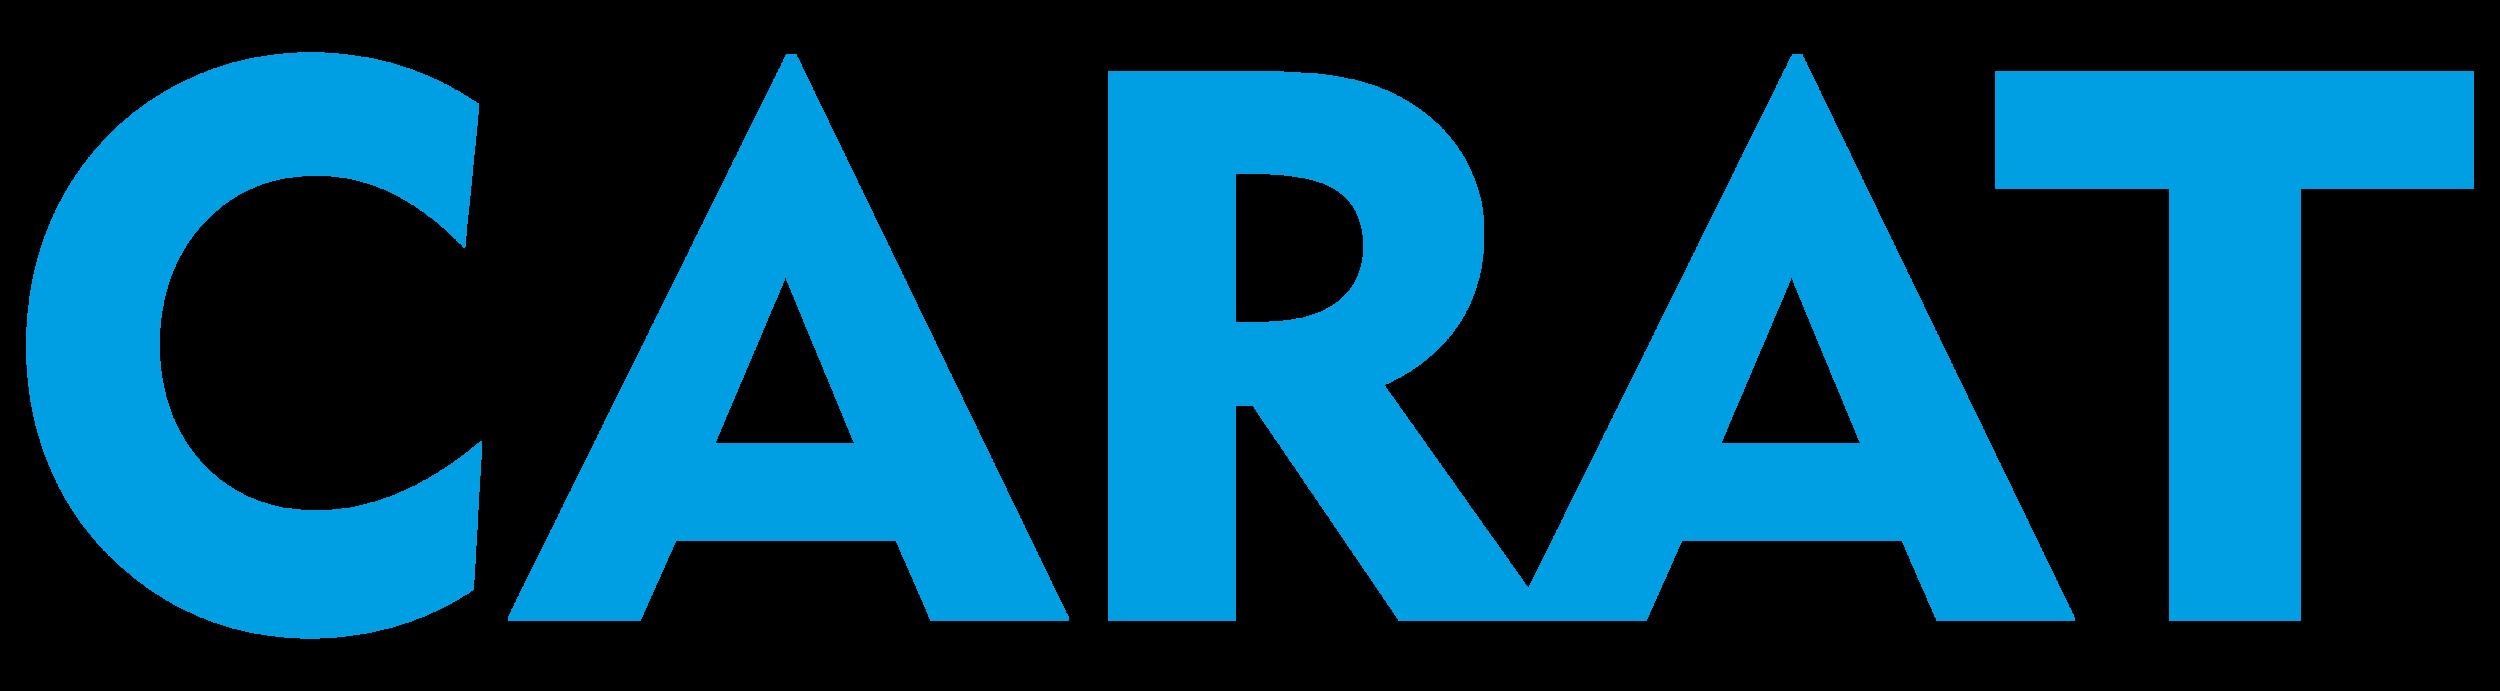 carat-logo-large.png